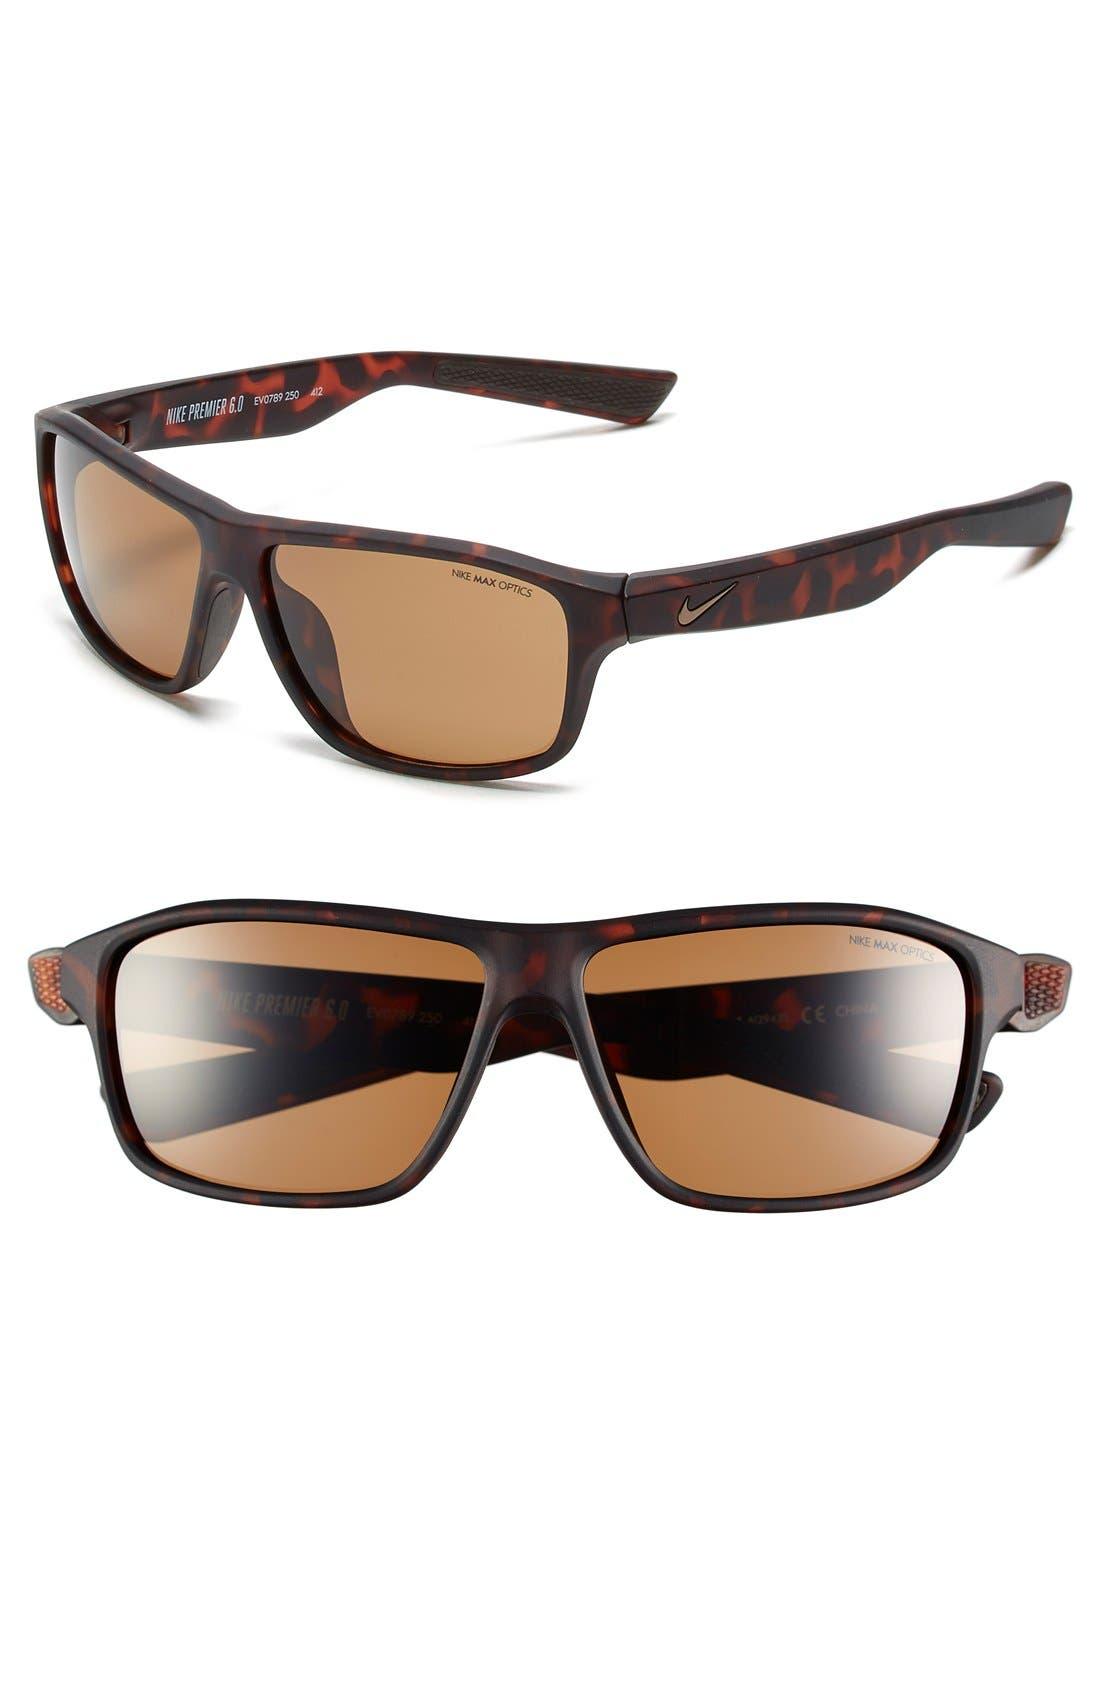 59mm 'Premier 6.0' Performance Sunglasses,                         Main,                         color, Matte Tortoise